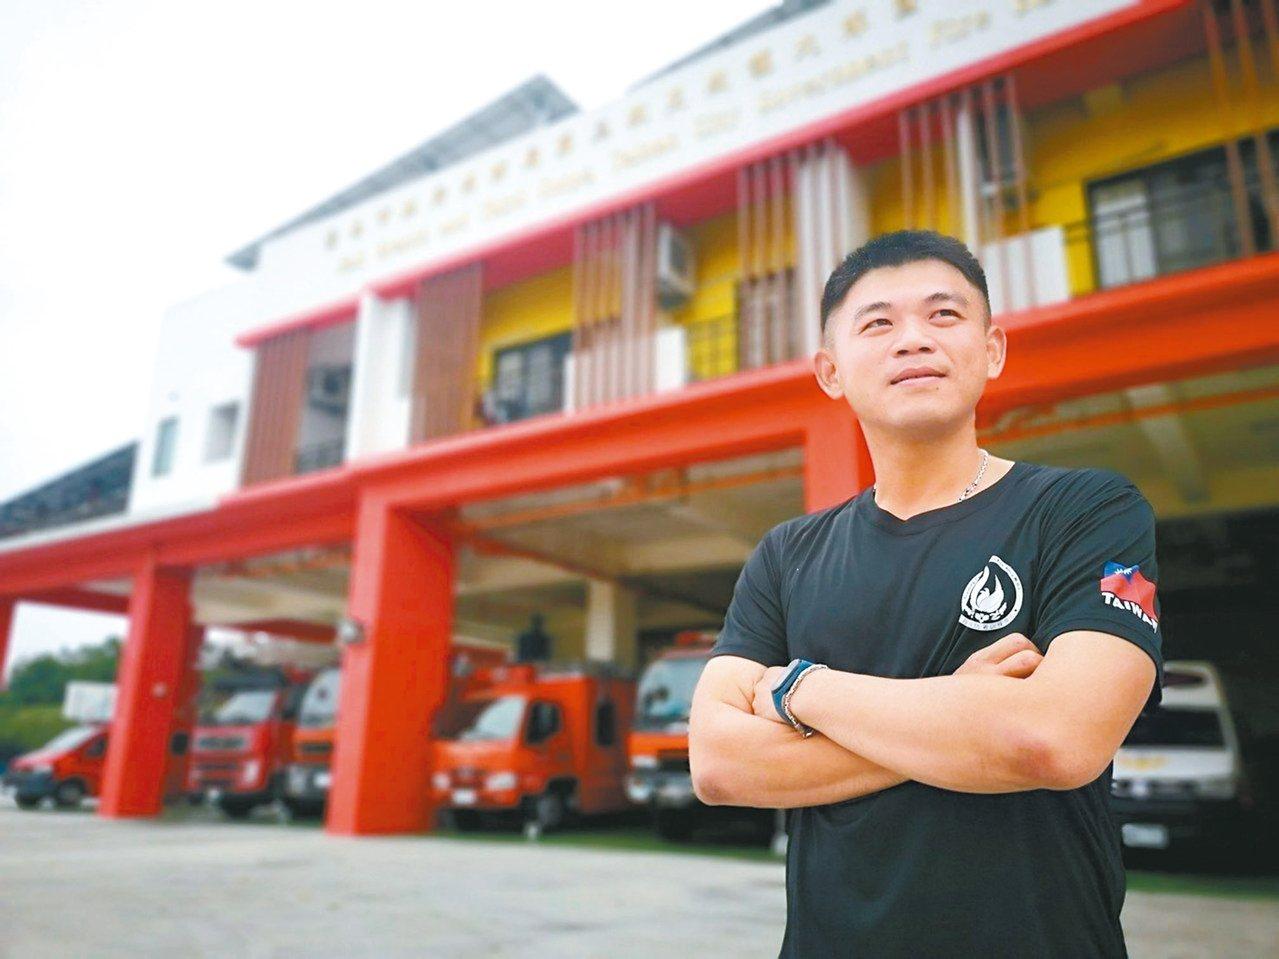 全國「鳳凰獎」楷模佳里分隊員陳至坤,成功搶救產婦及胎兒。 圖/台南市消防局提供